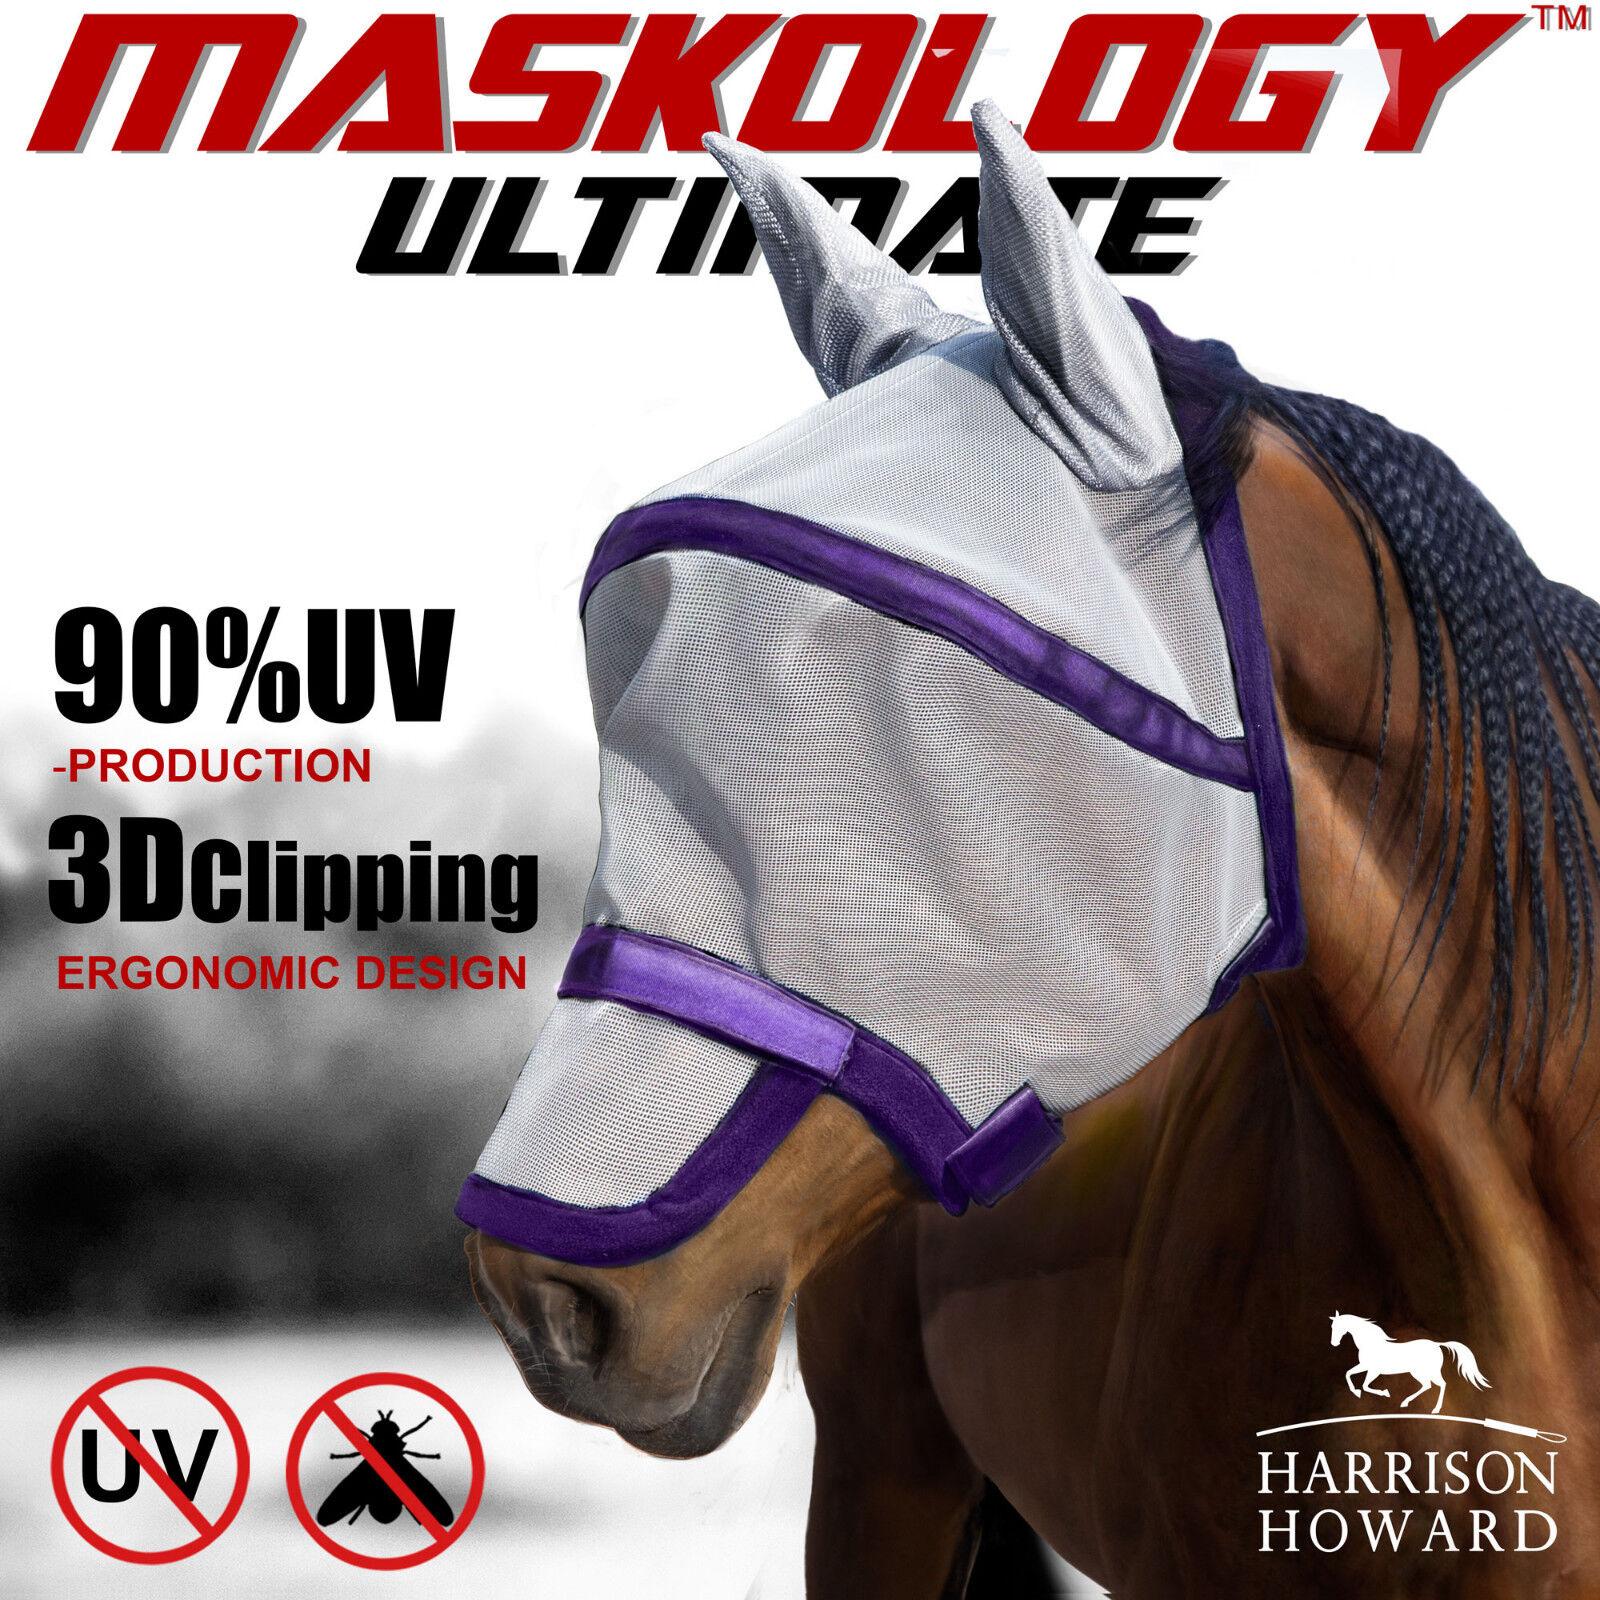 Harrison Howard caremaster Volar Máscara De Cara Completa Anti-UV gastos de envío gratis